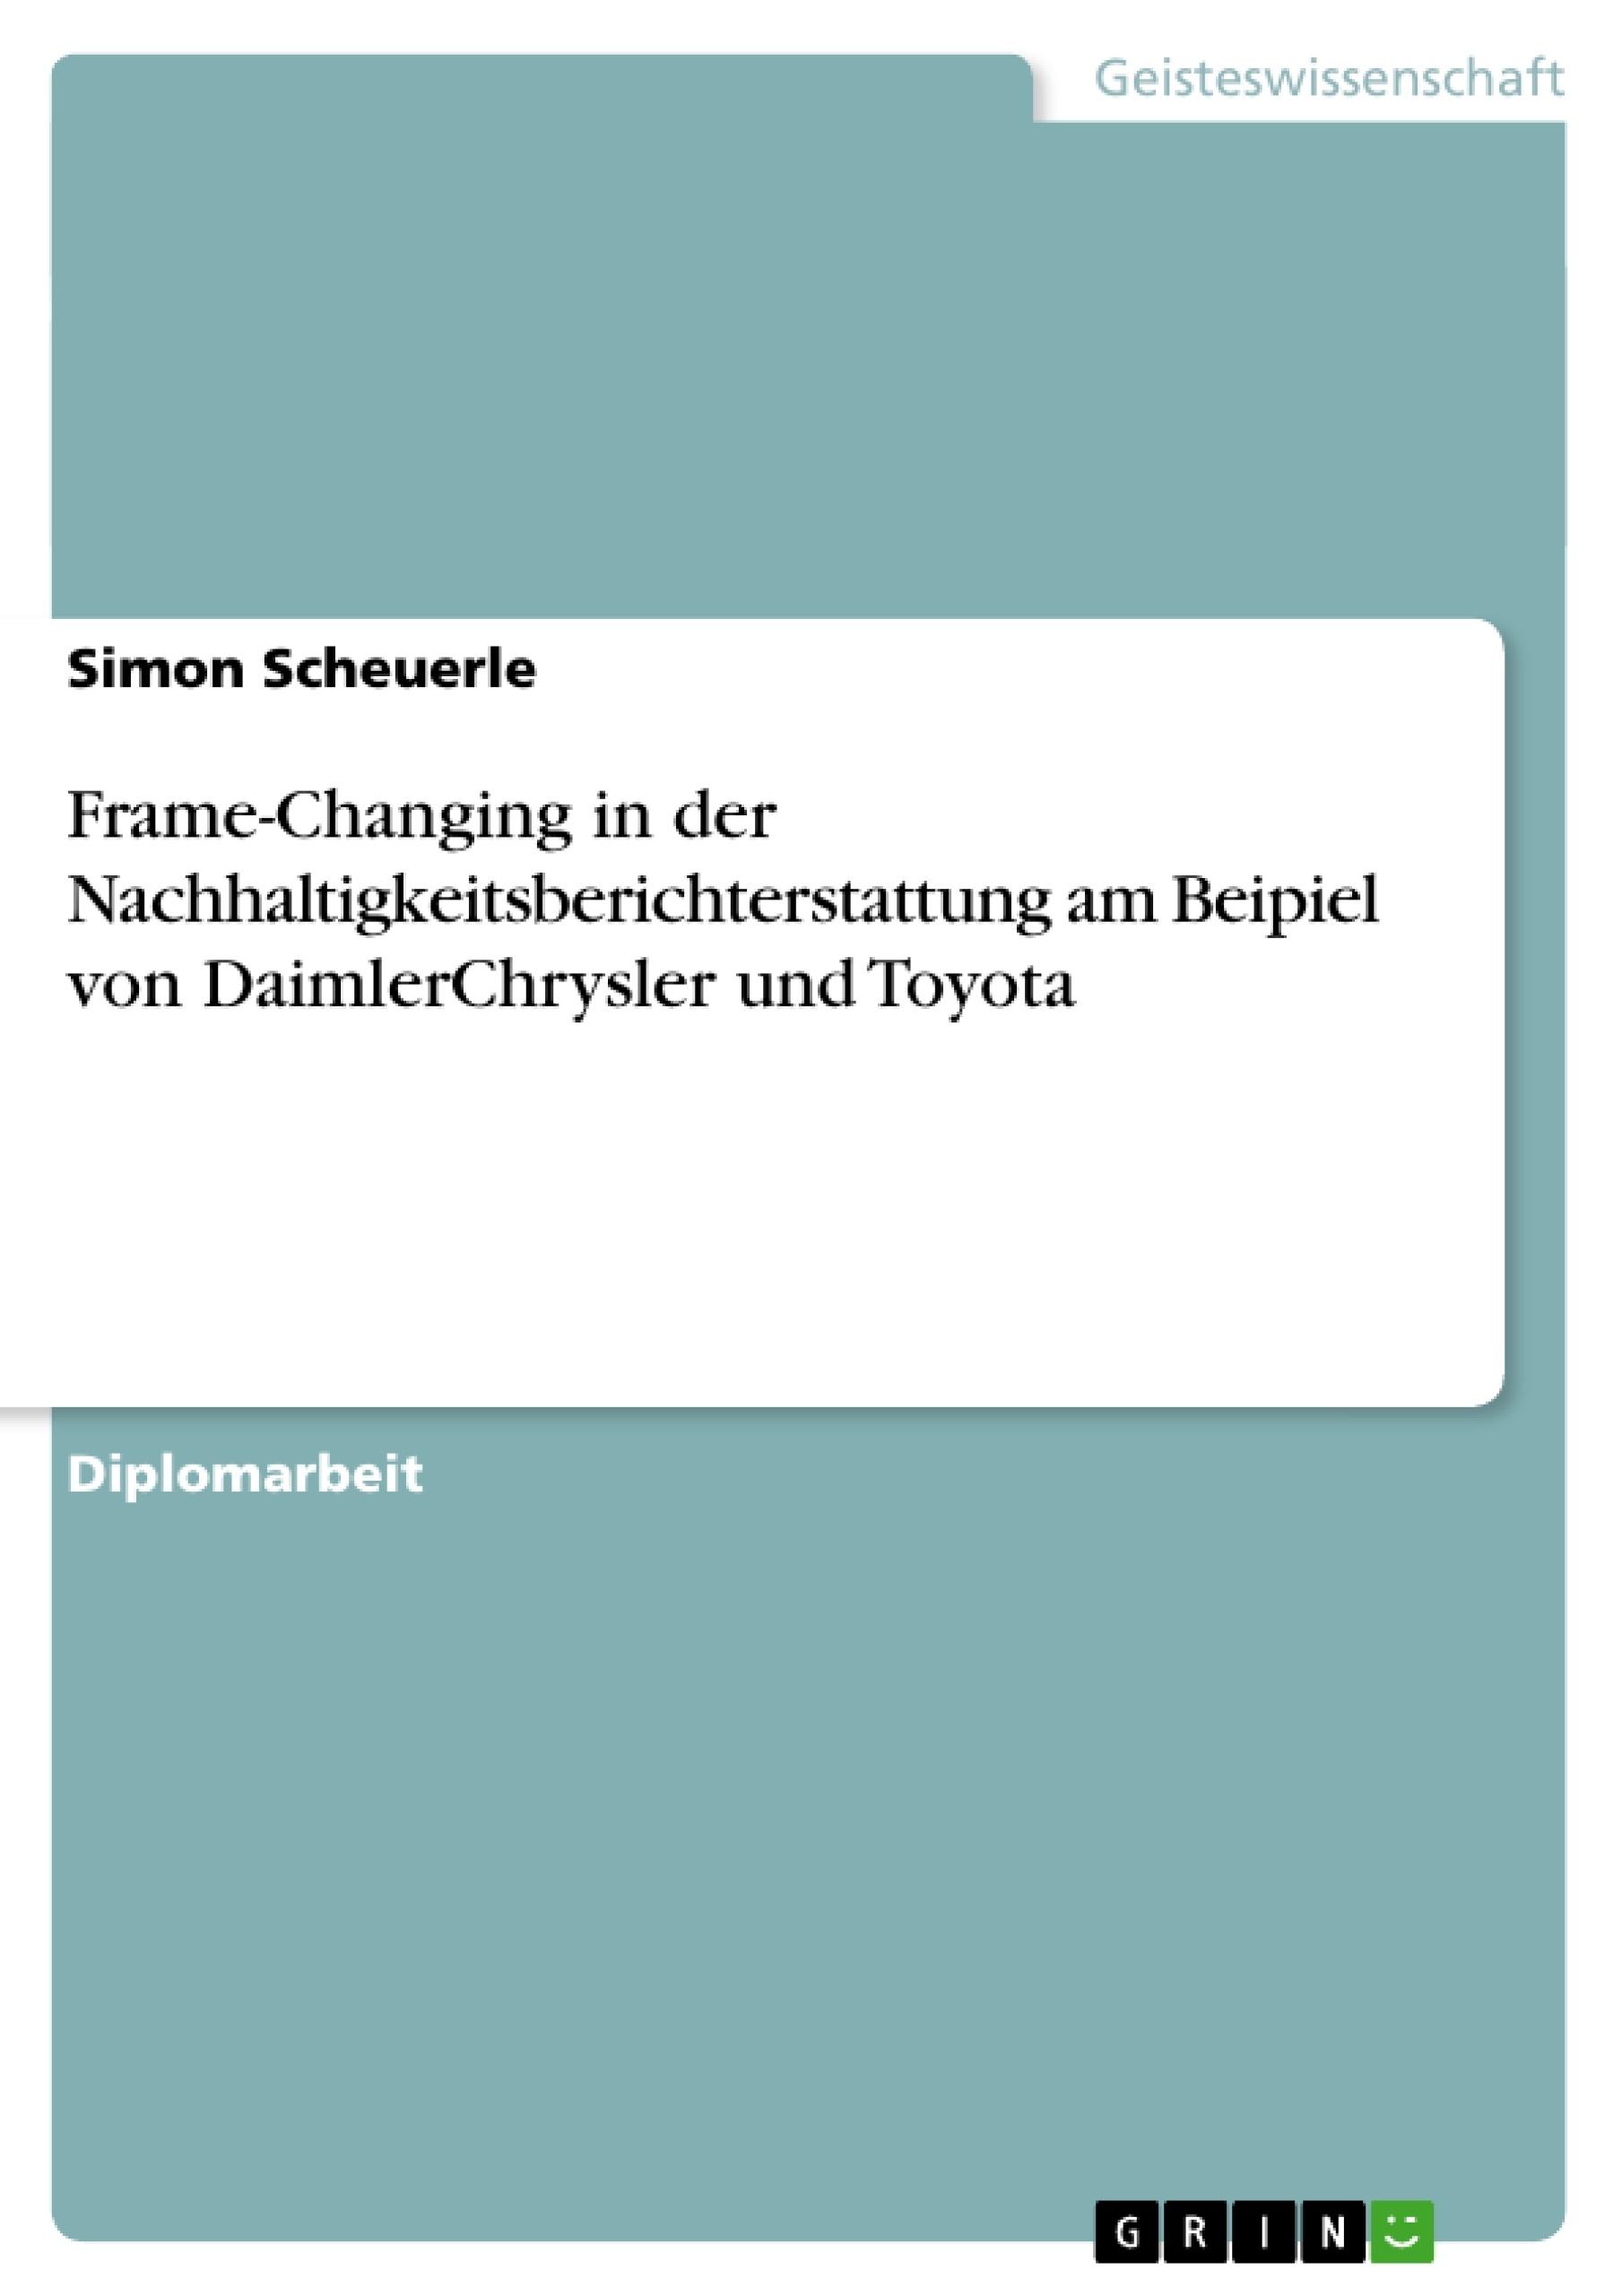 Titel: Frame-Changing in der Nachhaltigkeitsberichterstattung am Beipiel von DaimlerChrysler und Toyota